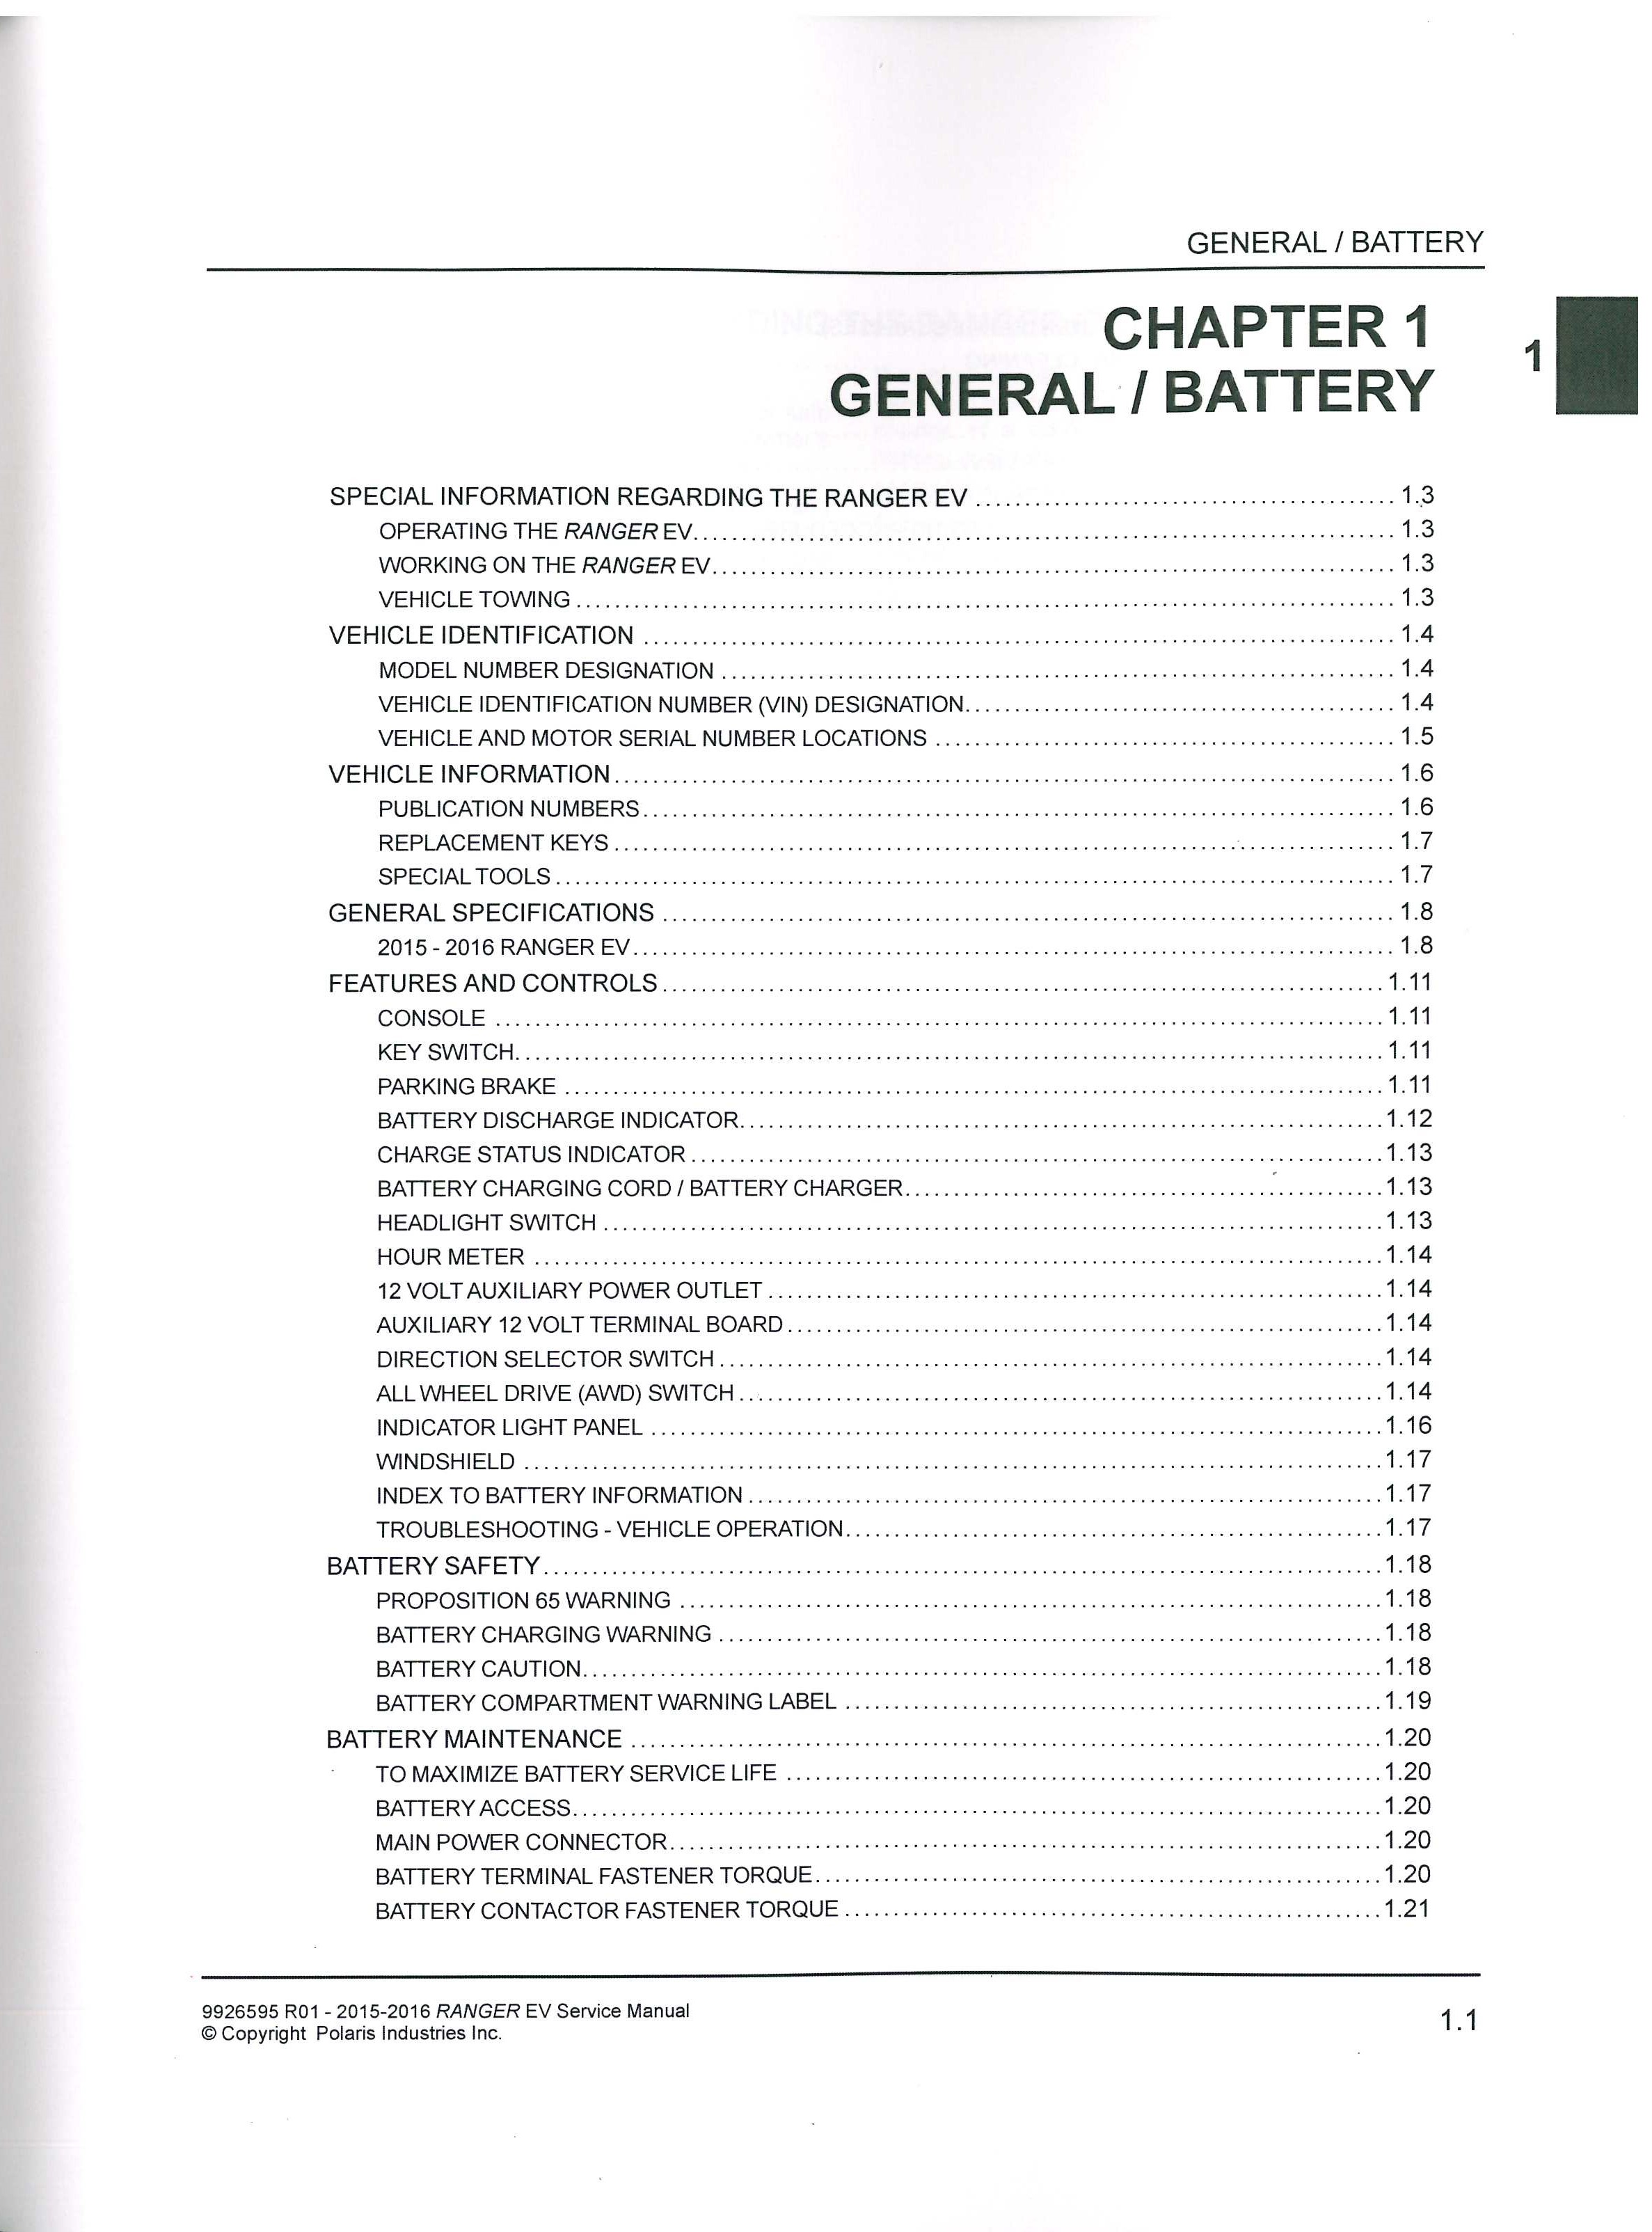 Ford Ranger Electric Ev Repair Manual Manual Guide